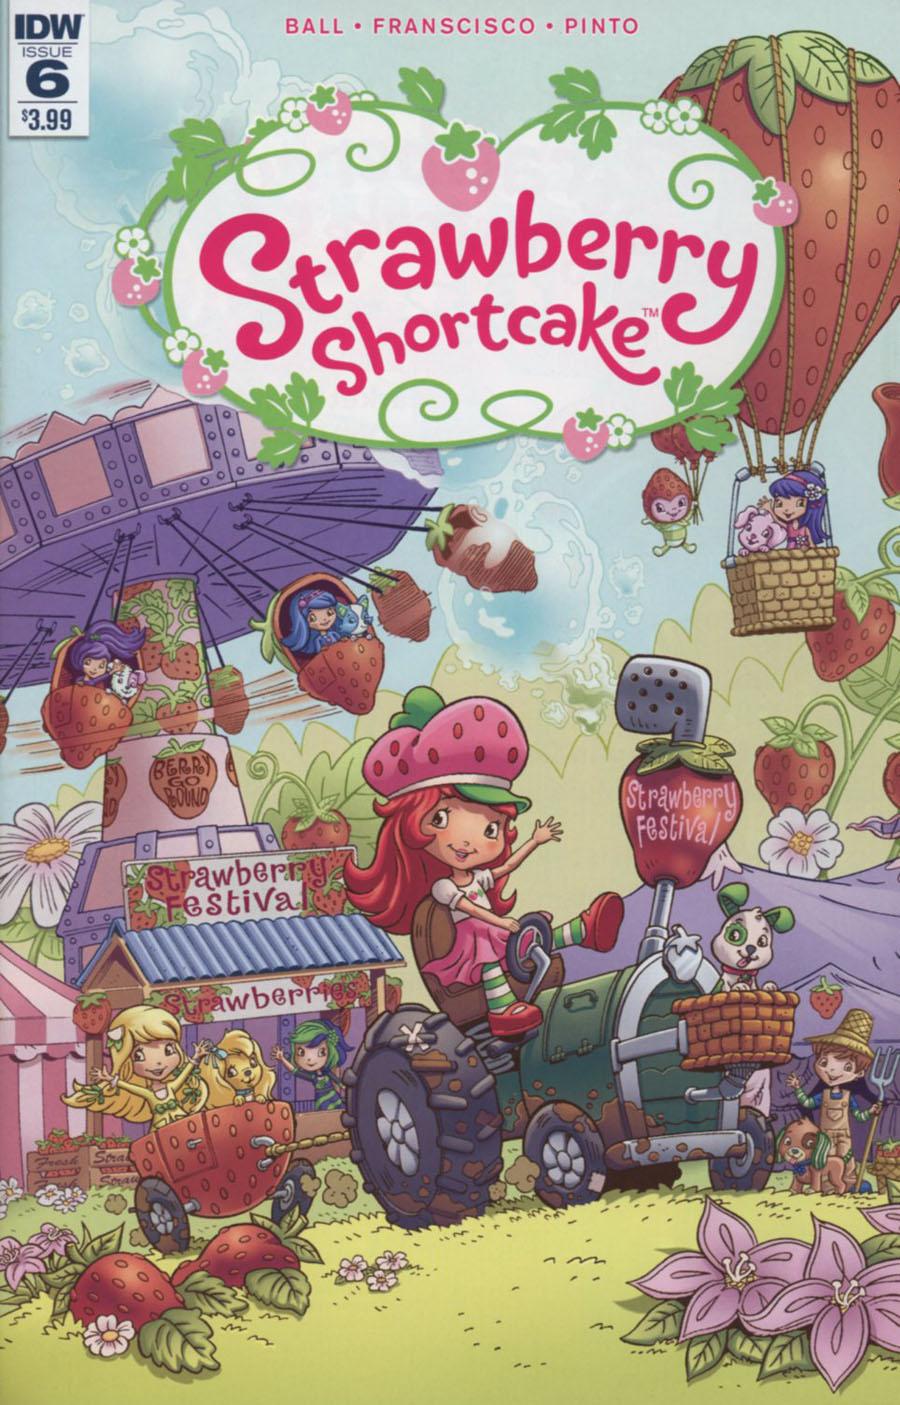 Strawberry Shortcake Vol 3 #6 Cover A Regular Jorge Pacheco Cover